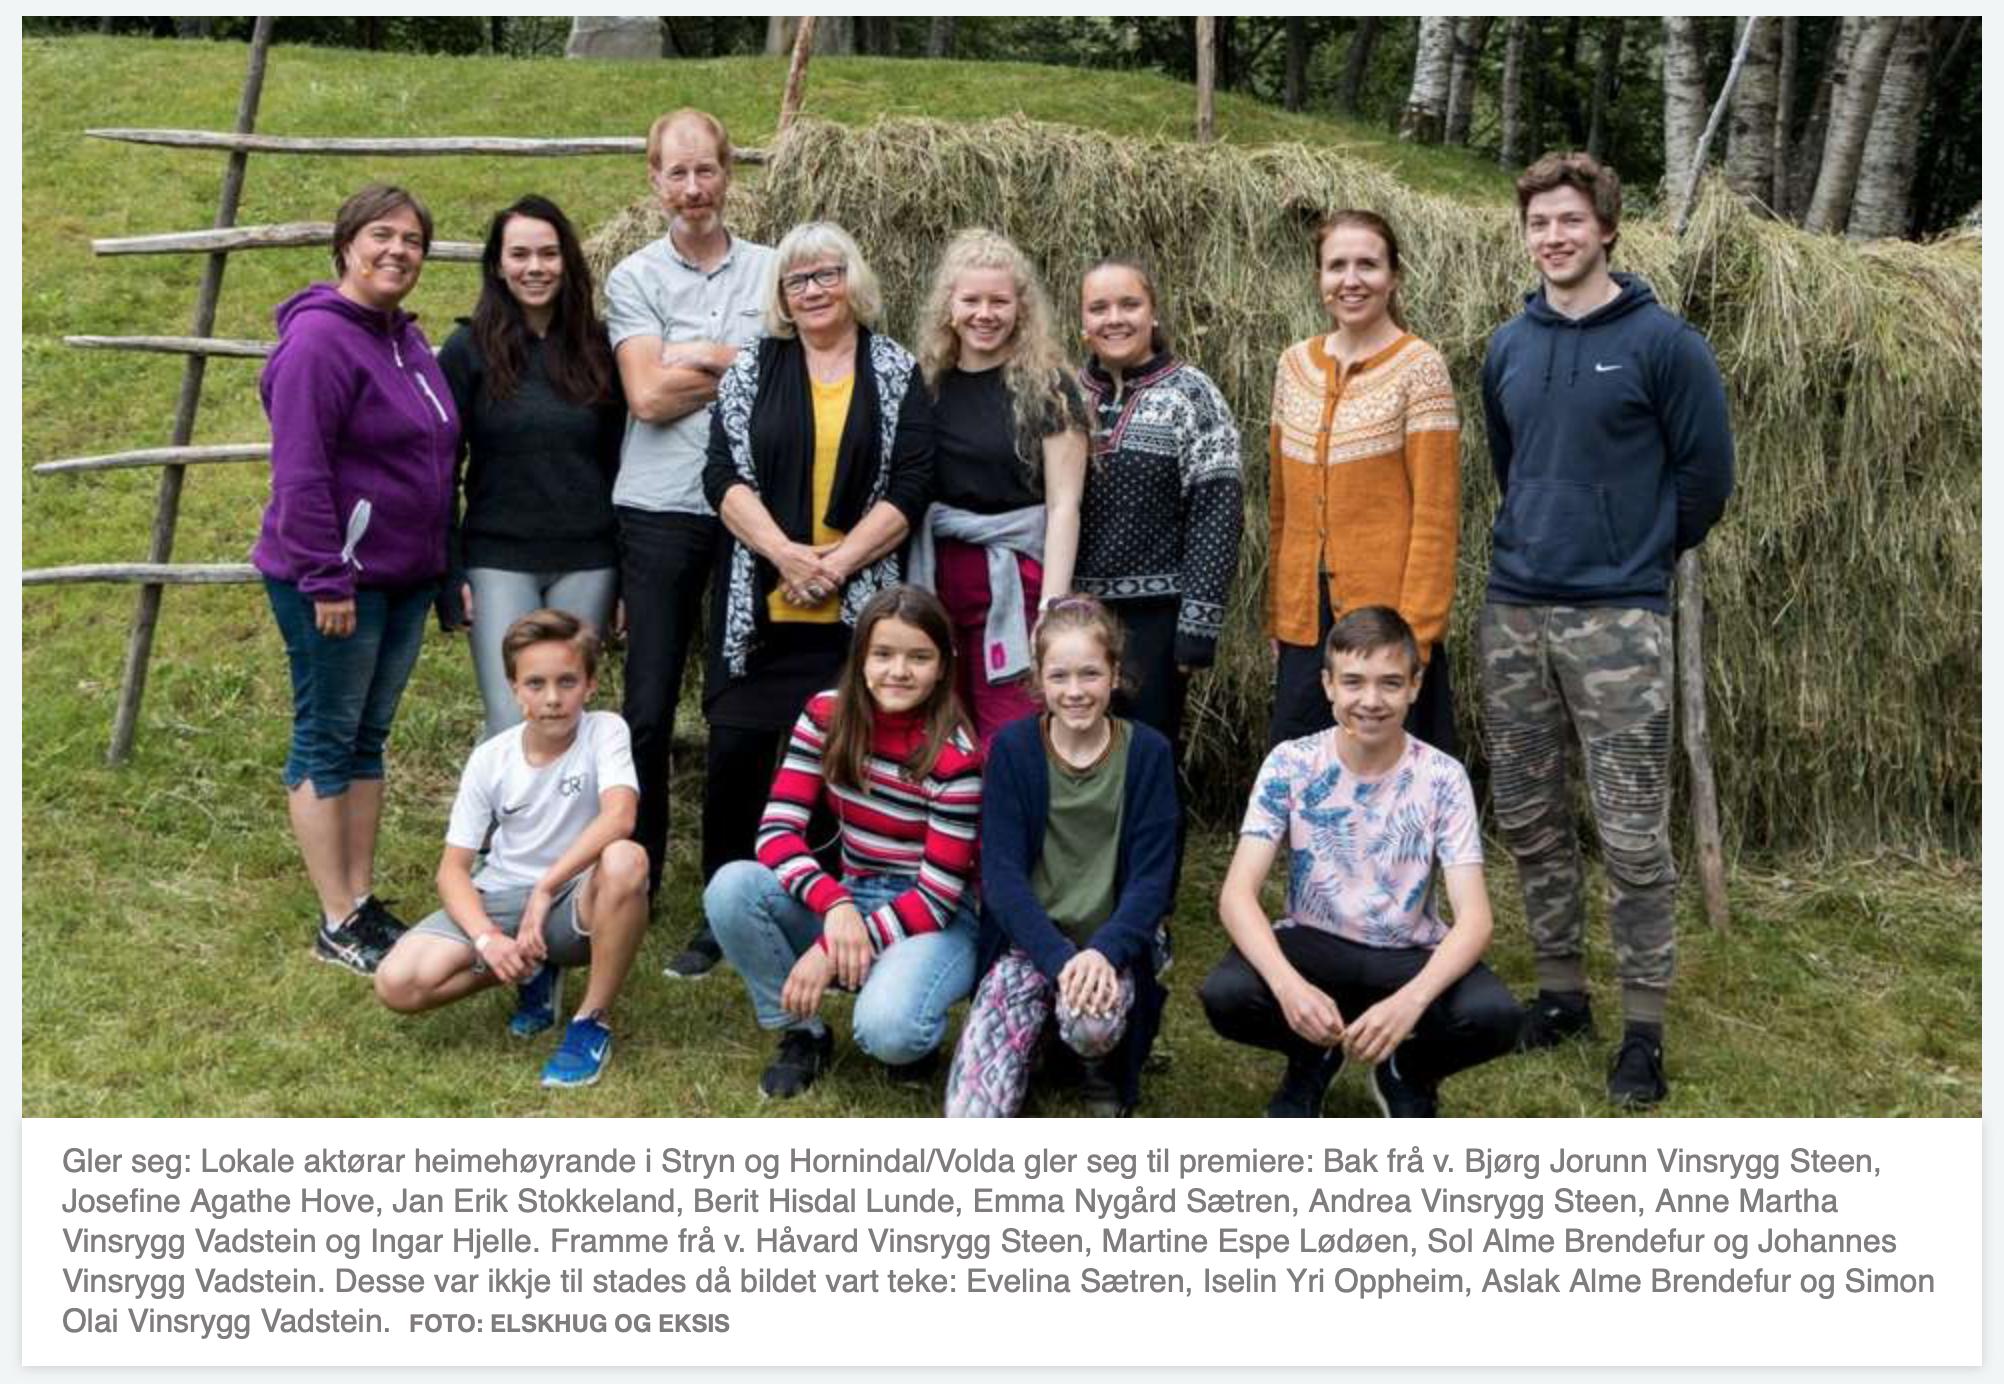 Skjermbilde 2019-07-12 kl. 22.04.06.png